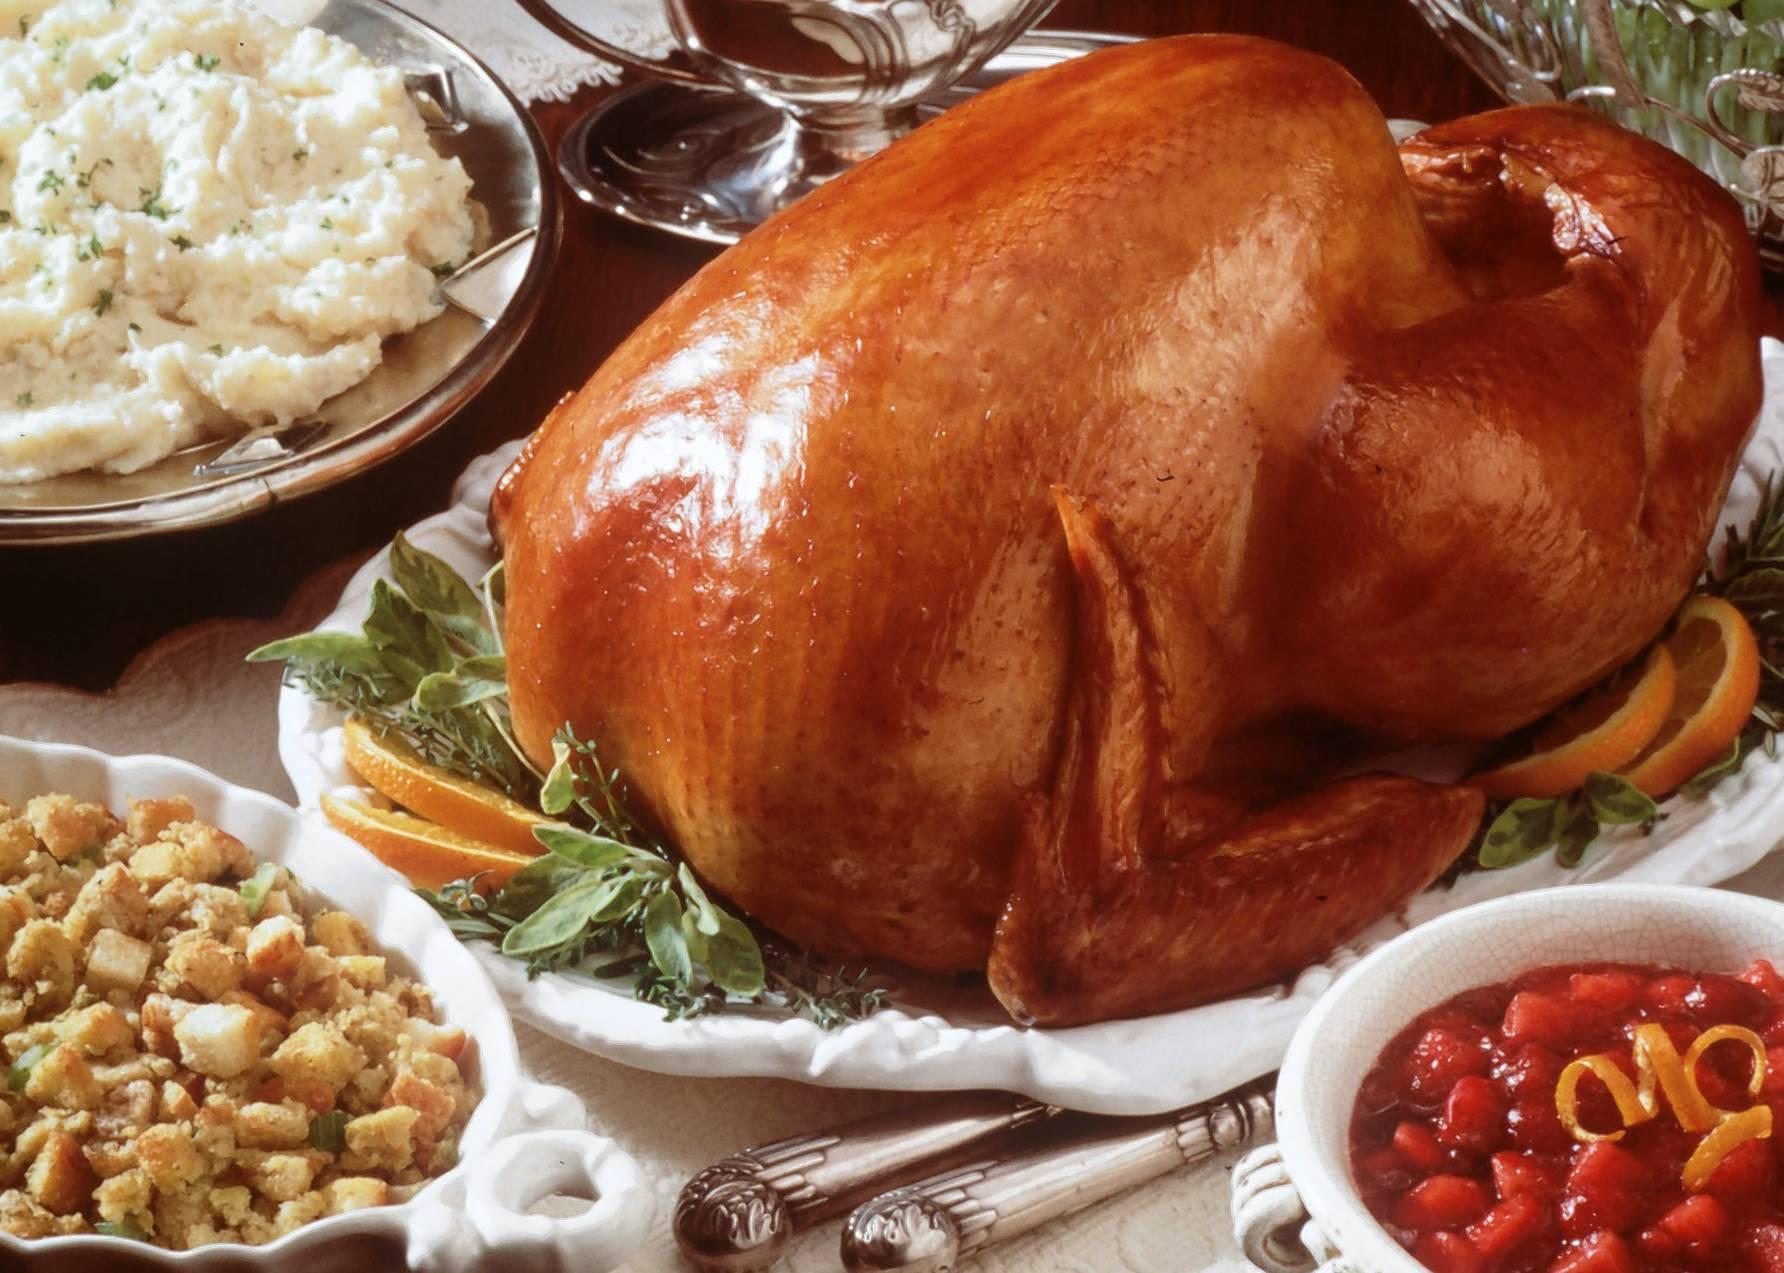 FV.menusuggesties: Wat stellen wij voor tijdens de feestdagen?